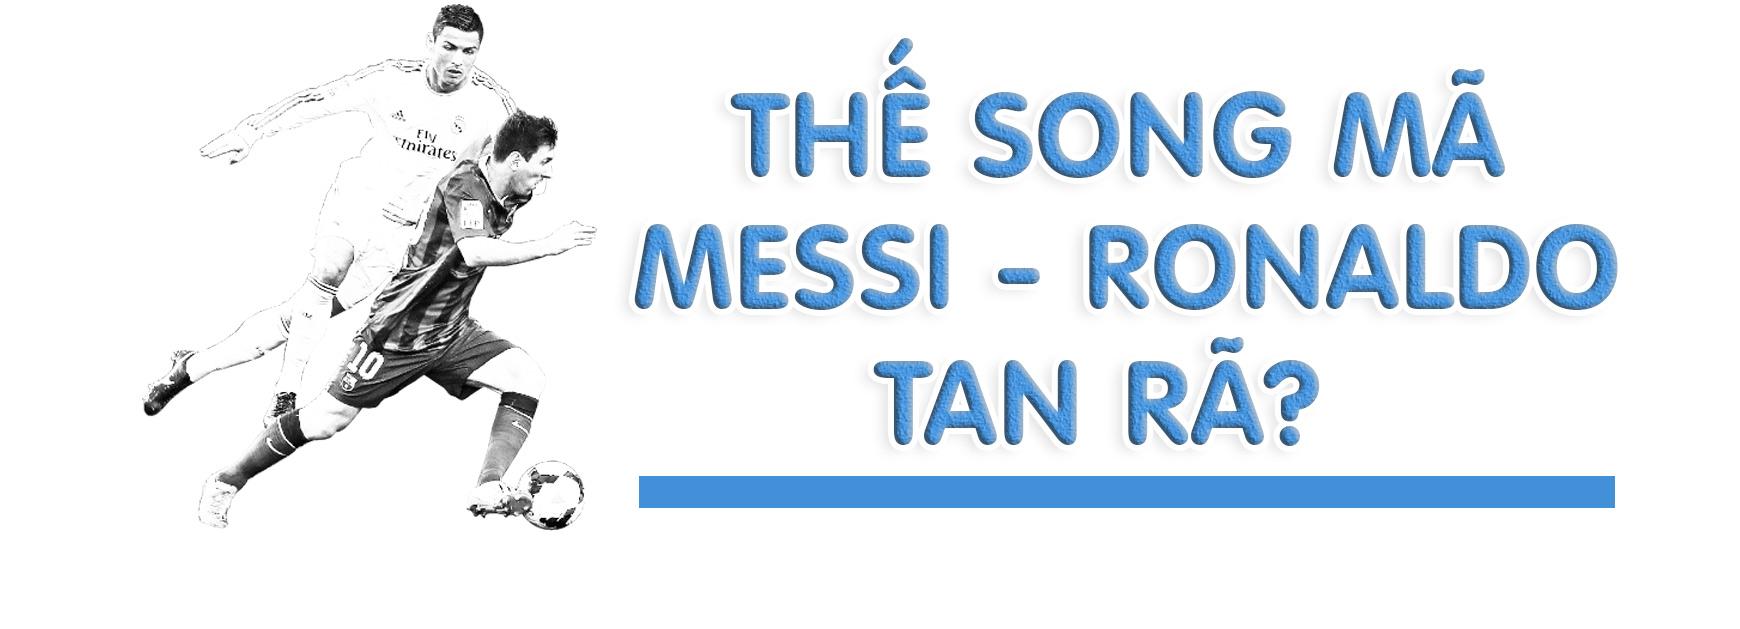 Ngoại hạng Anh 10 năm giấc mơ bóng vàng: Siêu anh hùng kế tục Ronaldo, anh là ai? - 9